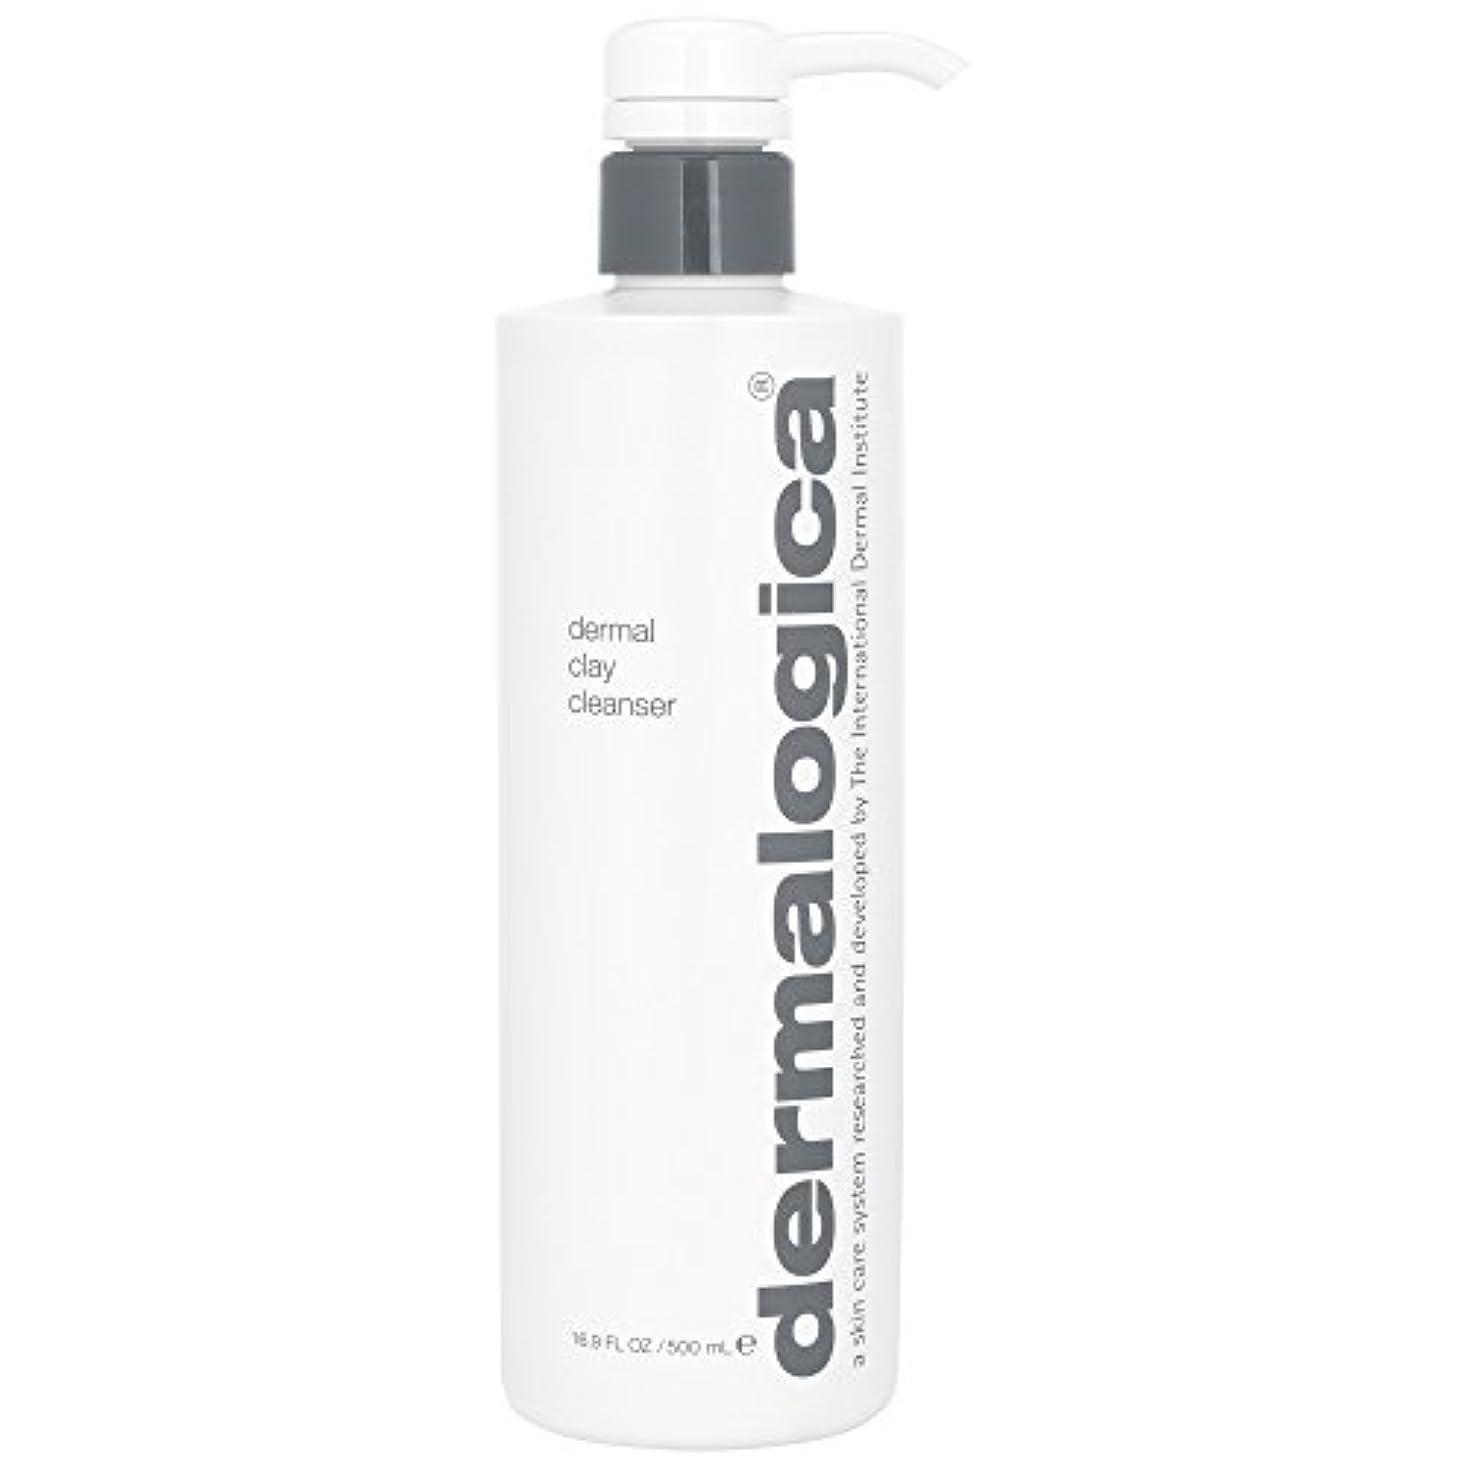 名詞去る賞賛するダーマロジカ真皮クレイクレンザー500ミリリットル (Dermalogica) (x6) - Dermalogica Dermal Clay Cleanser 500ml (Pack of 6) [並行輸入品]